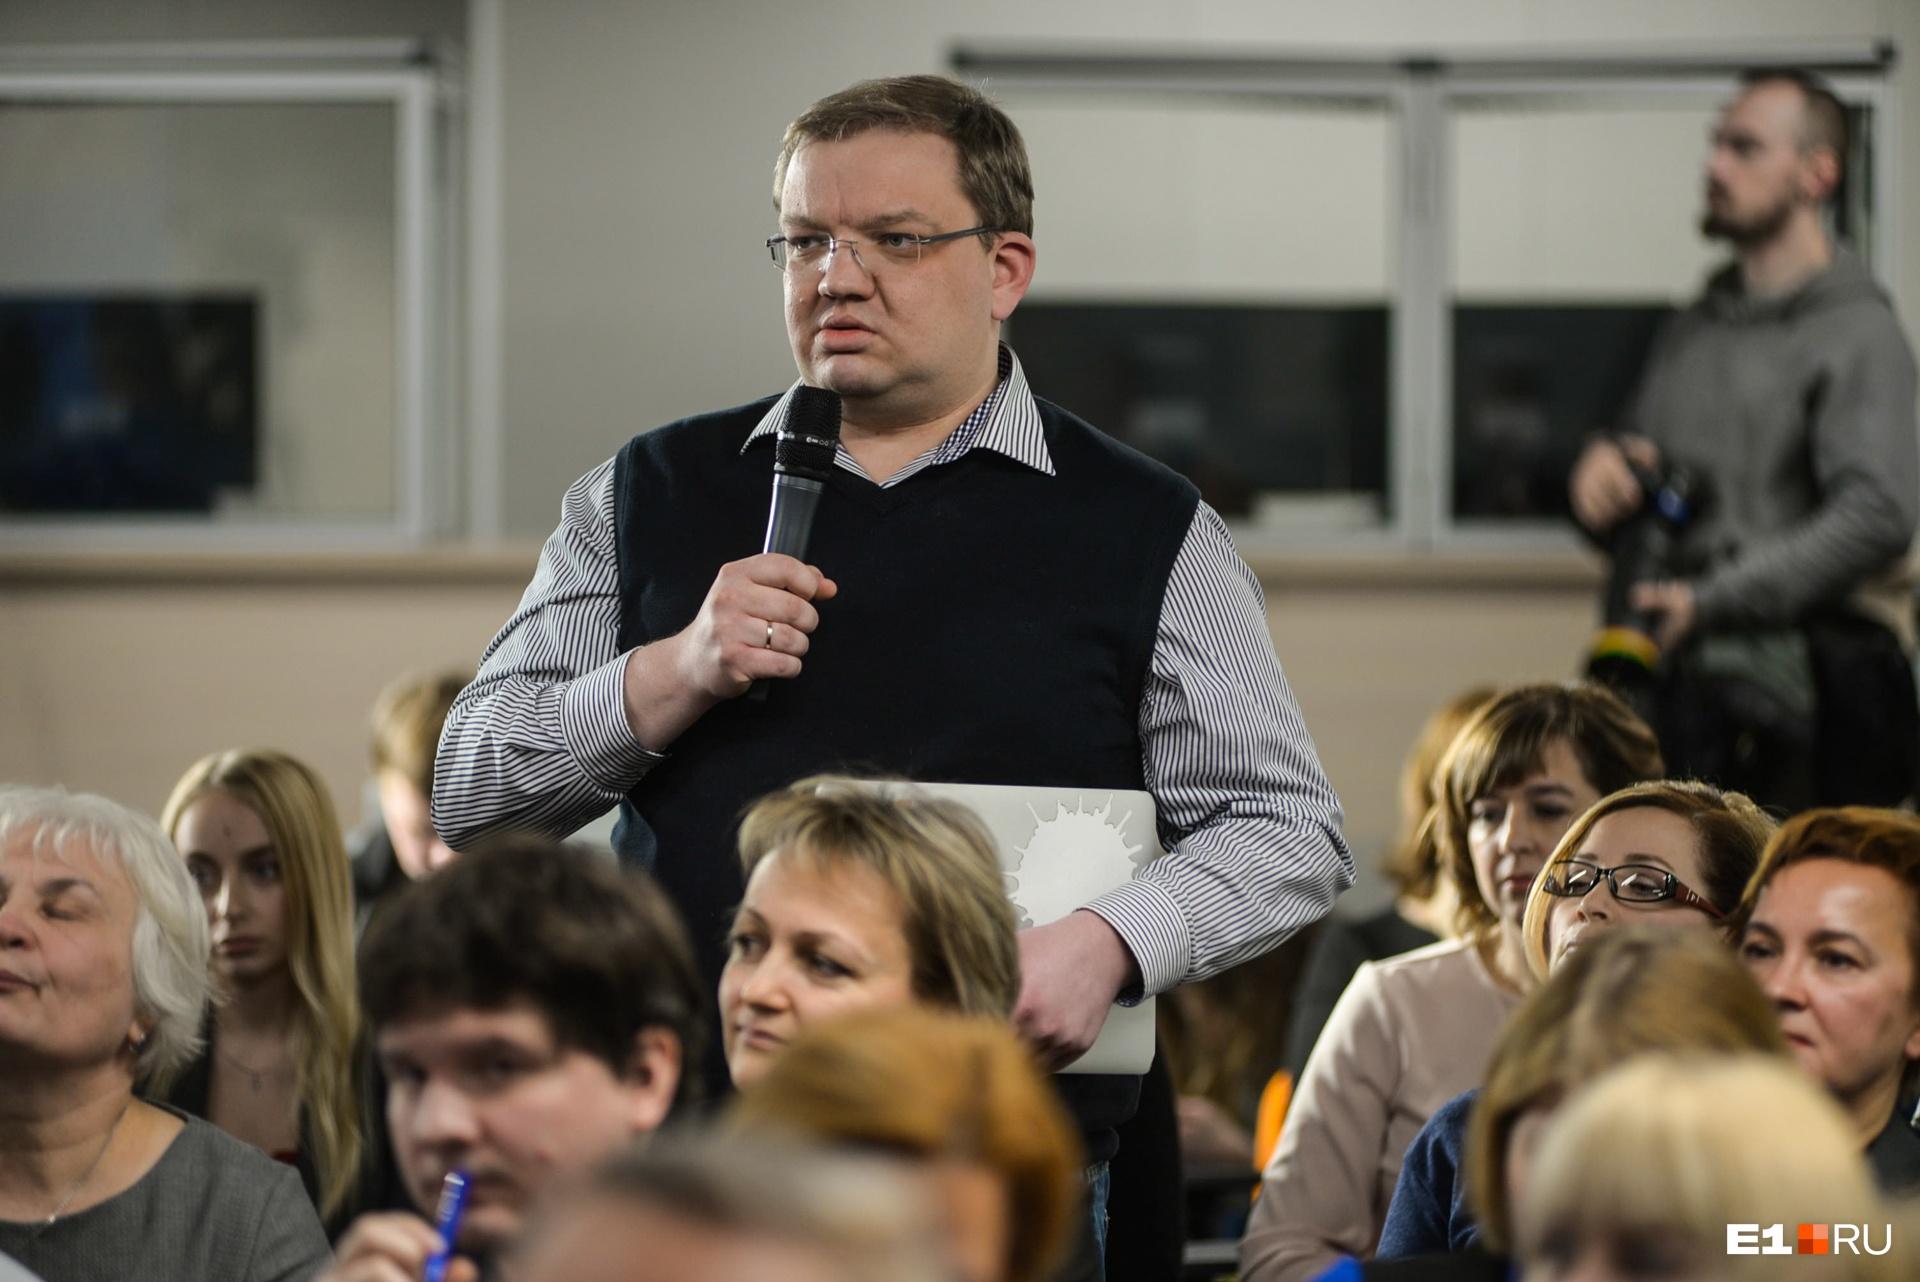 Пресс-конференция идет так долго, что у Сергея Панина сел ноутбук :)